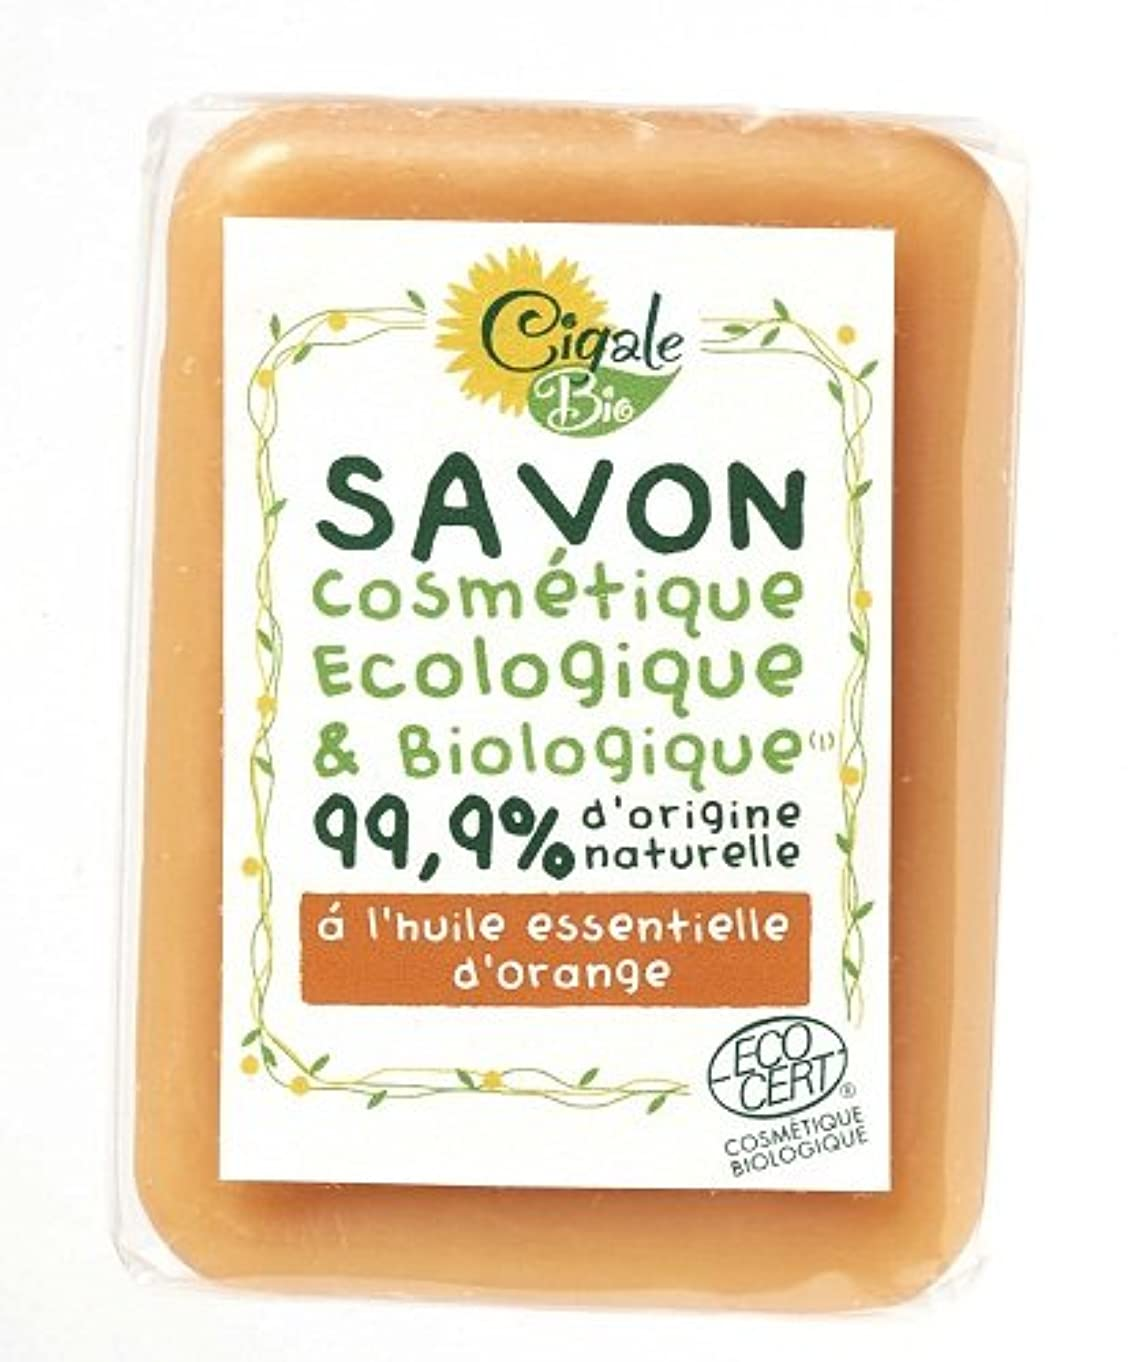 最少強制的半球シガールビオ オーガニックソープ オレンジ